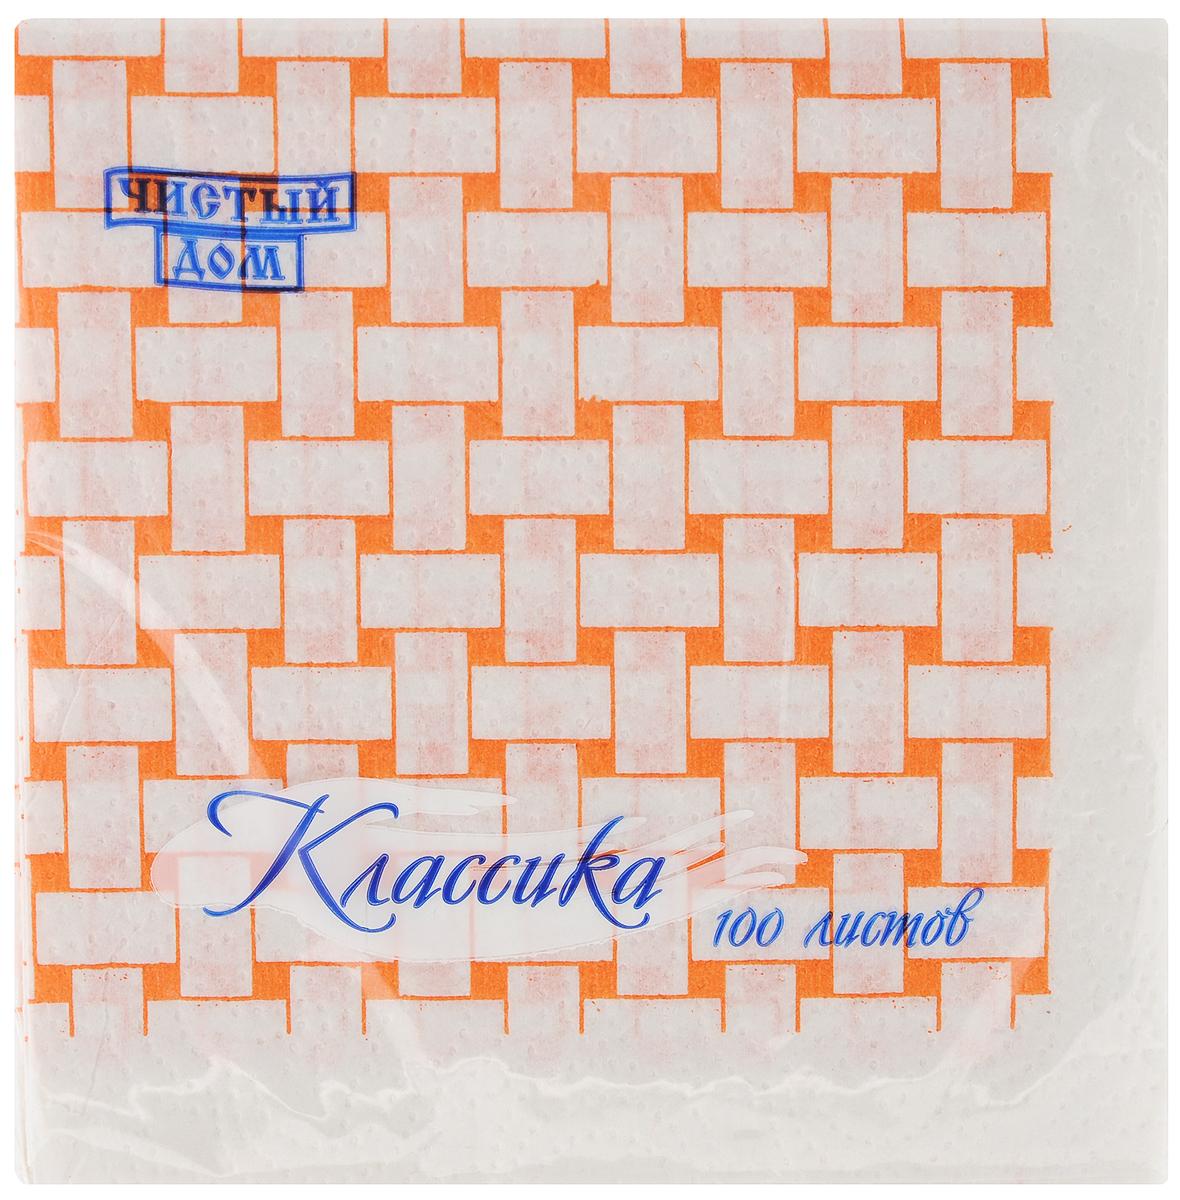 Салфетки бумажные Чистый дом Классика, однослойные, цвет: белый, оранжевый, 25 х 25 см, 100 шт4606920000043Однослойные салфетки Чистый дом Классика выполнены из 100% целлюлозы. Салфетки подходят для косметического, санитарно-гигиенического и хозяйственного назначения. Нежные и мягкие. Салфетки украшены узором. Размер салфеток: 25 х 25 см.